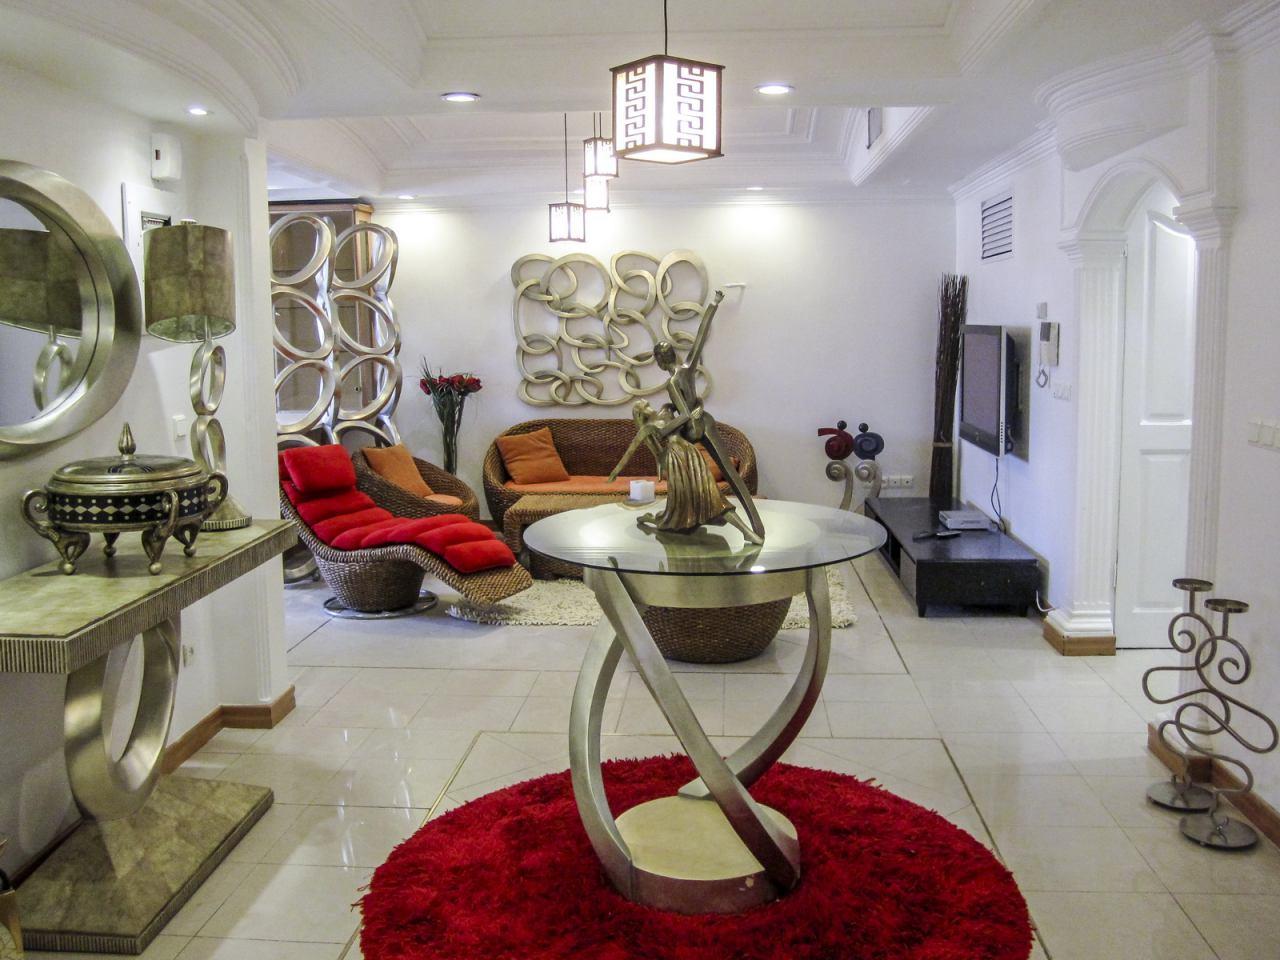 آپارتمان عباس آباد ۳و۲ خوابه ۲۴۰ متری سوپر لوکس